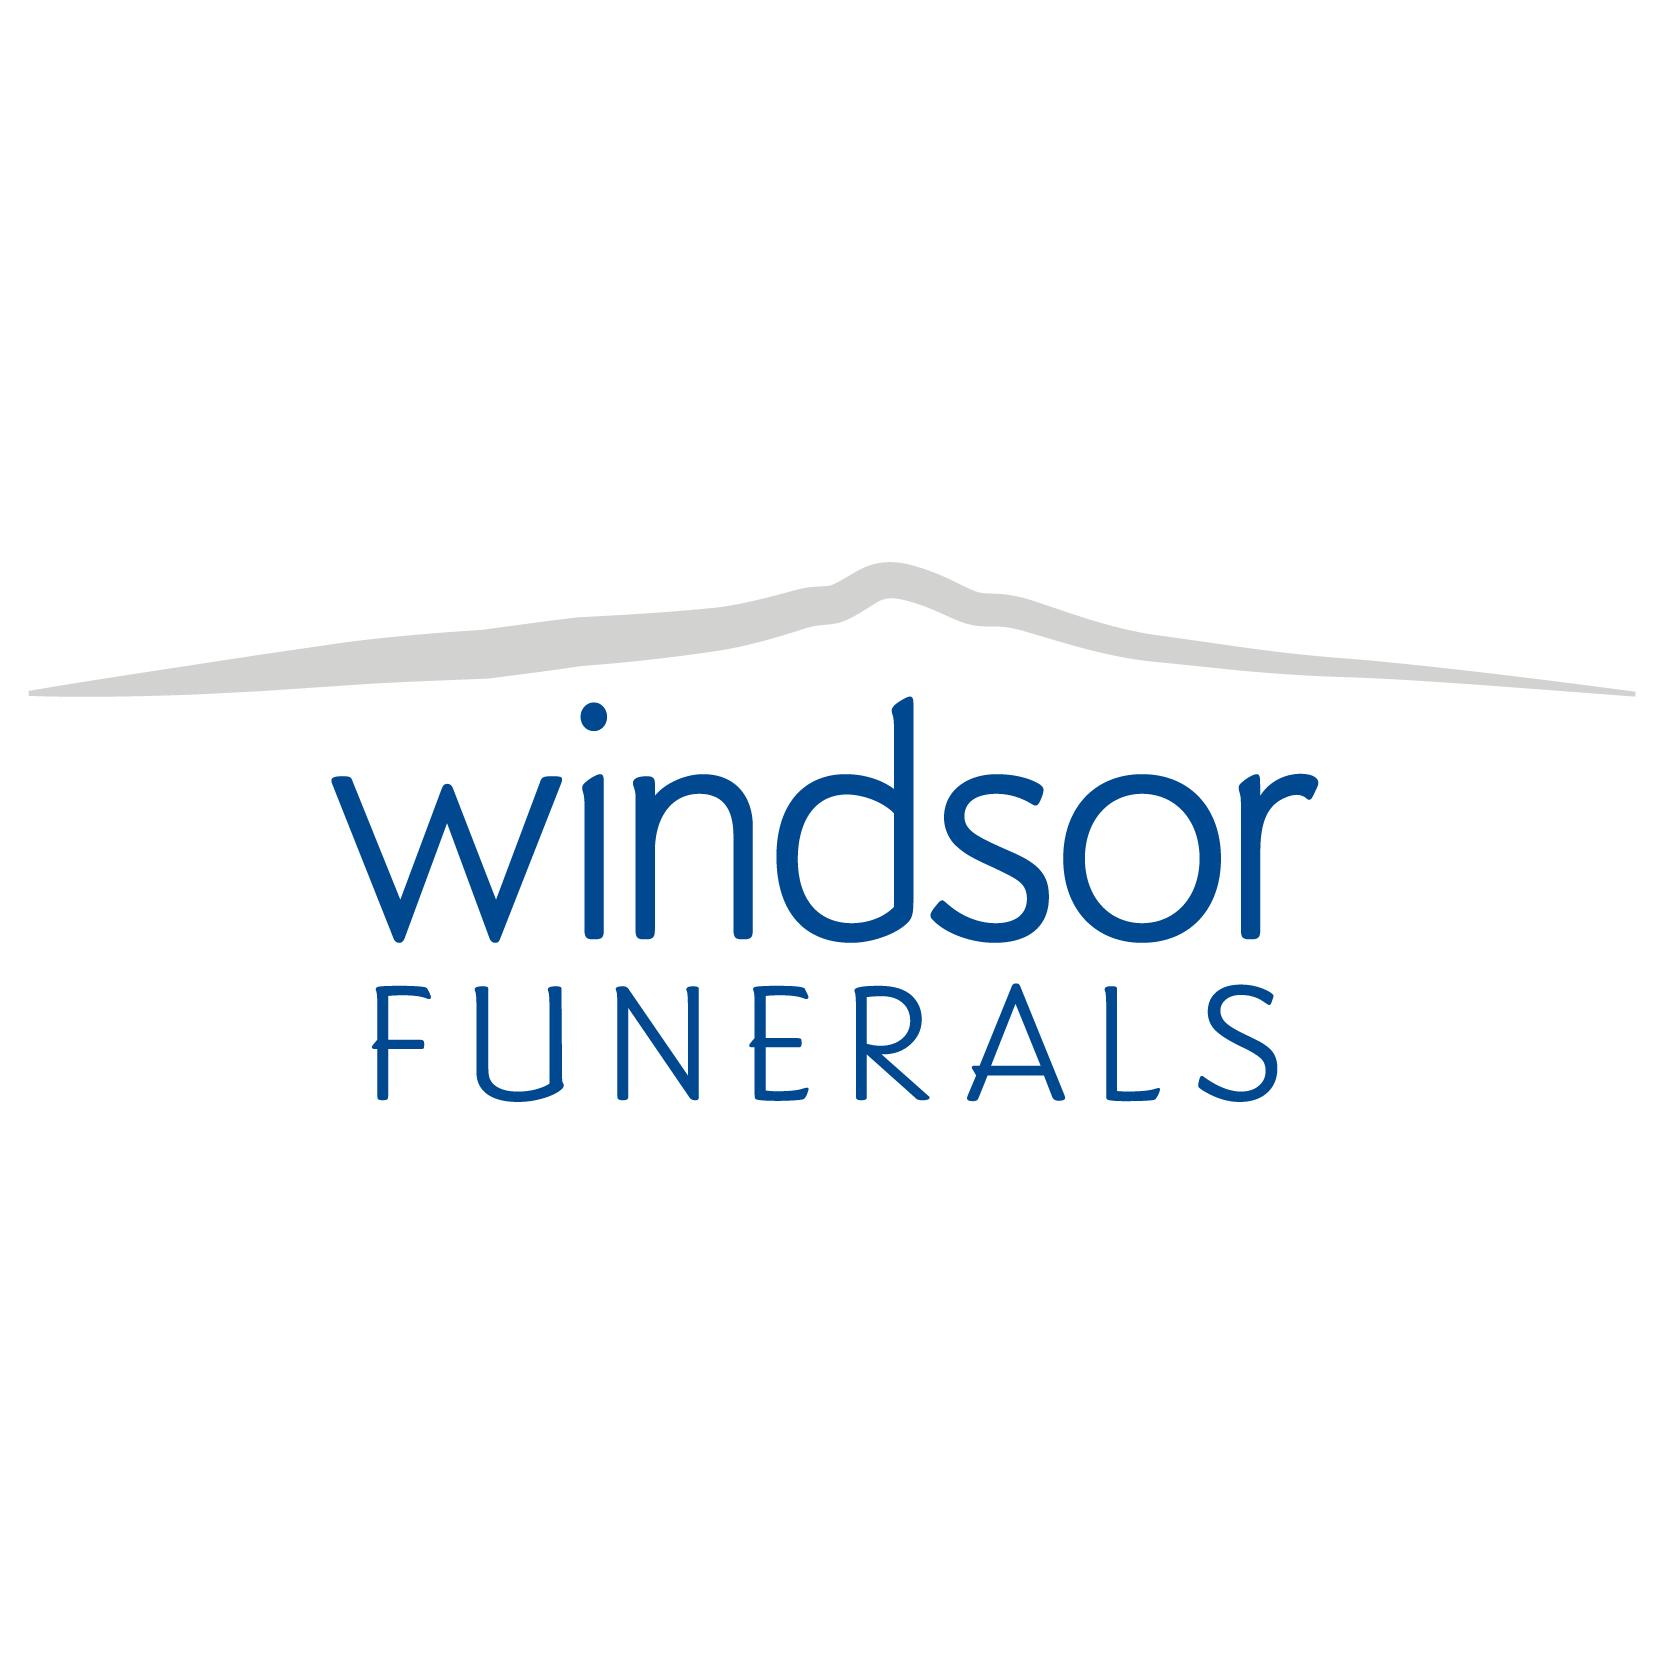 Windsor Funerals